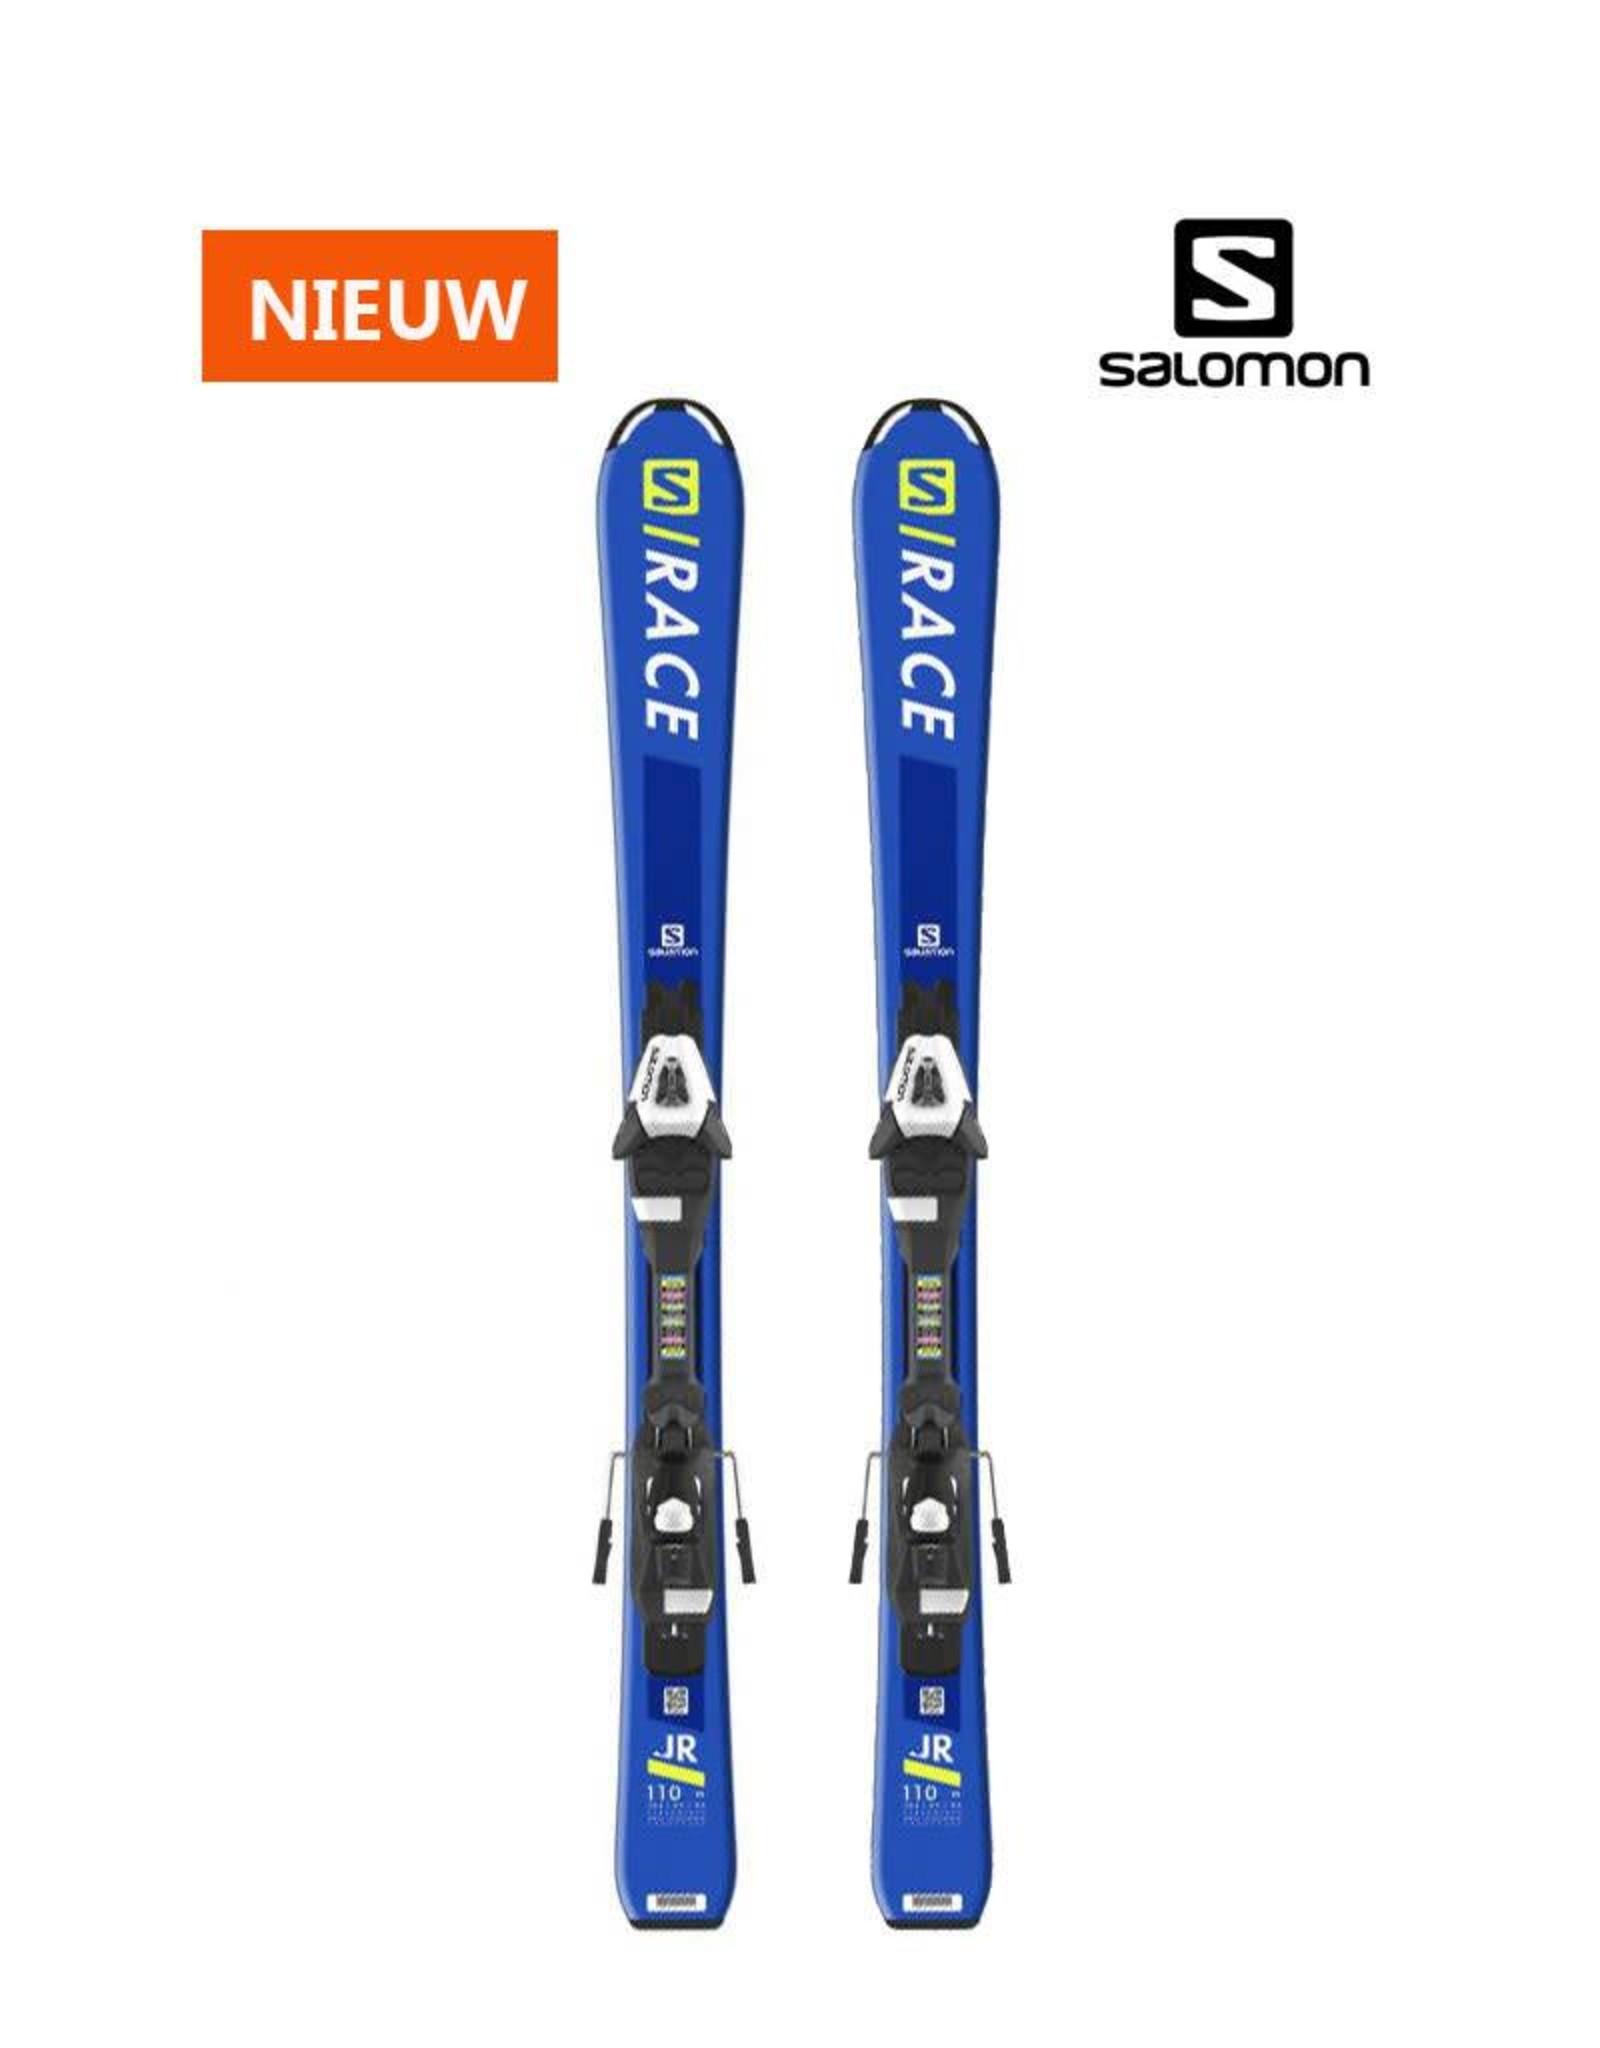 SALOMON Salomon S/Race Jr blauw Ski's NIEUW